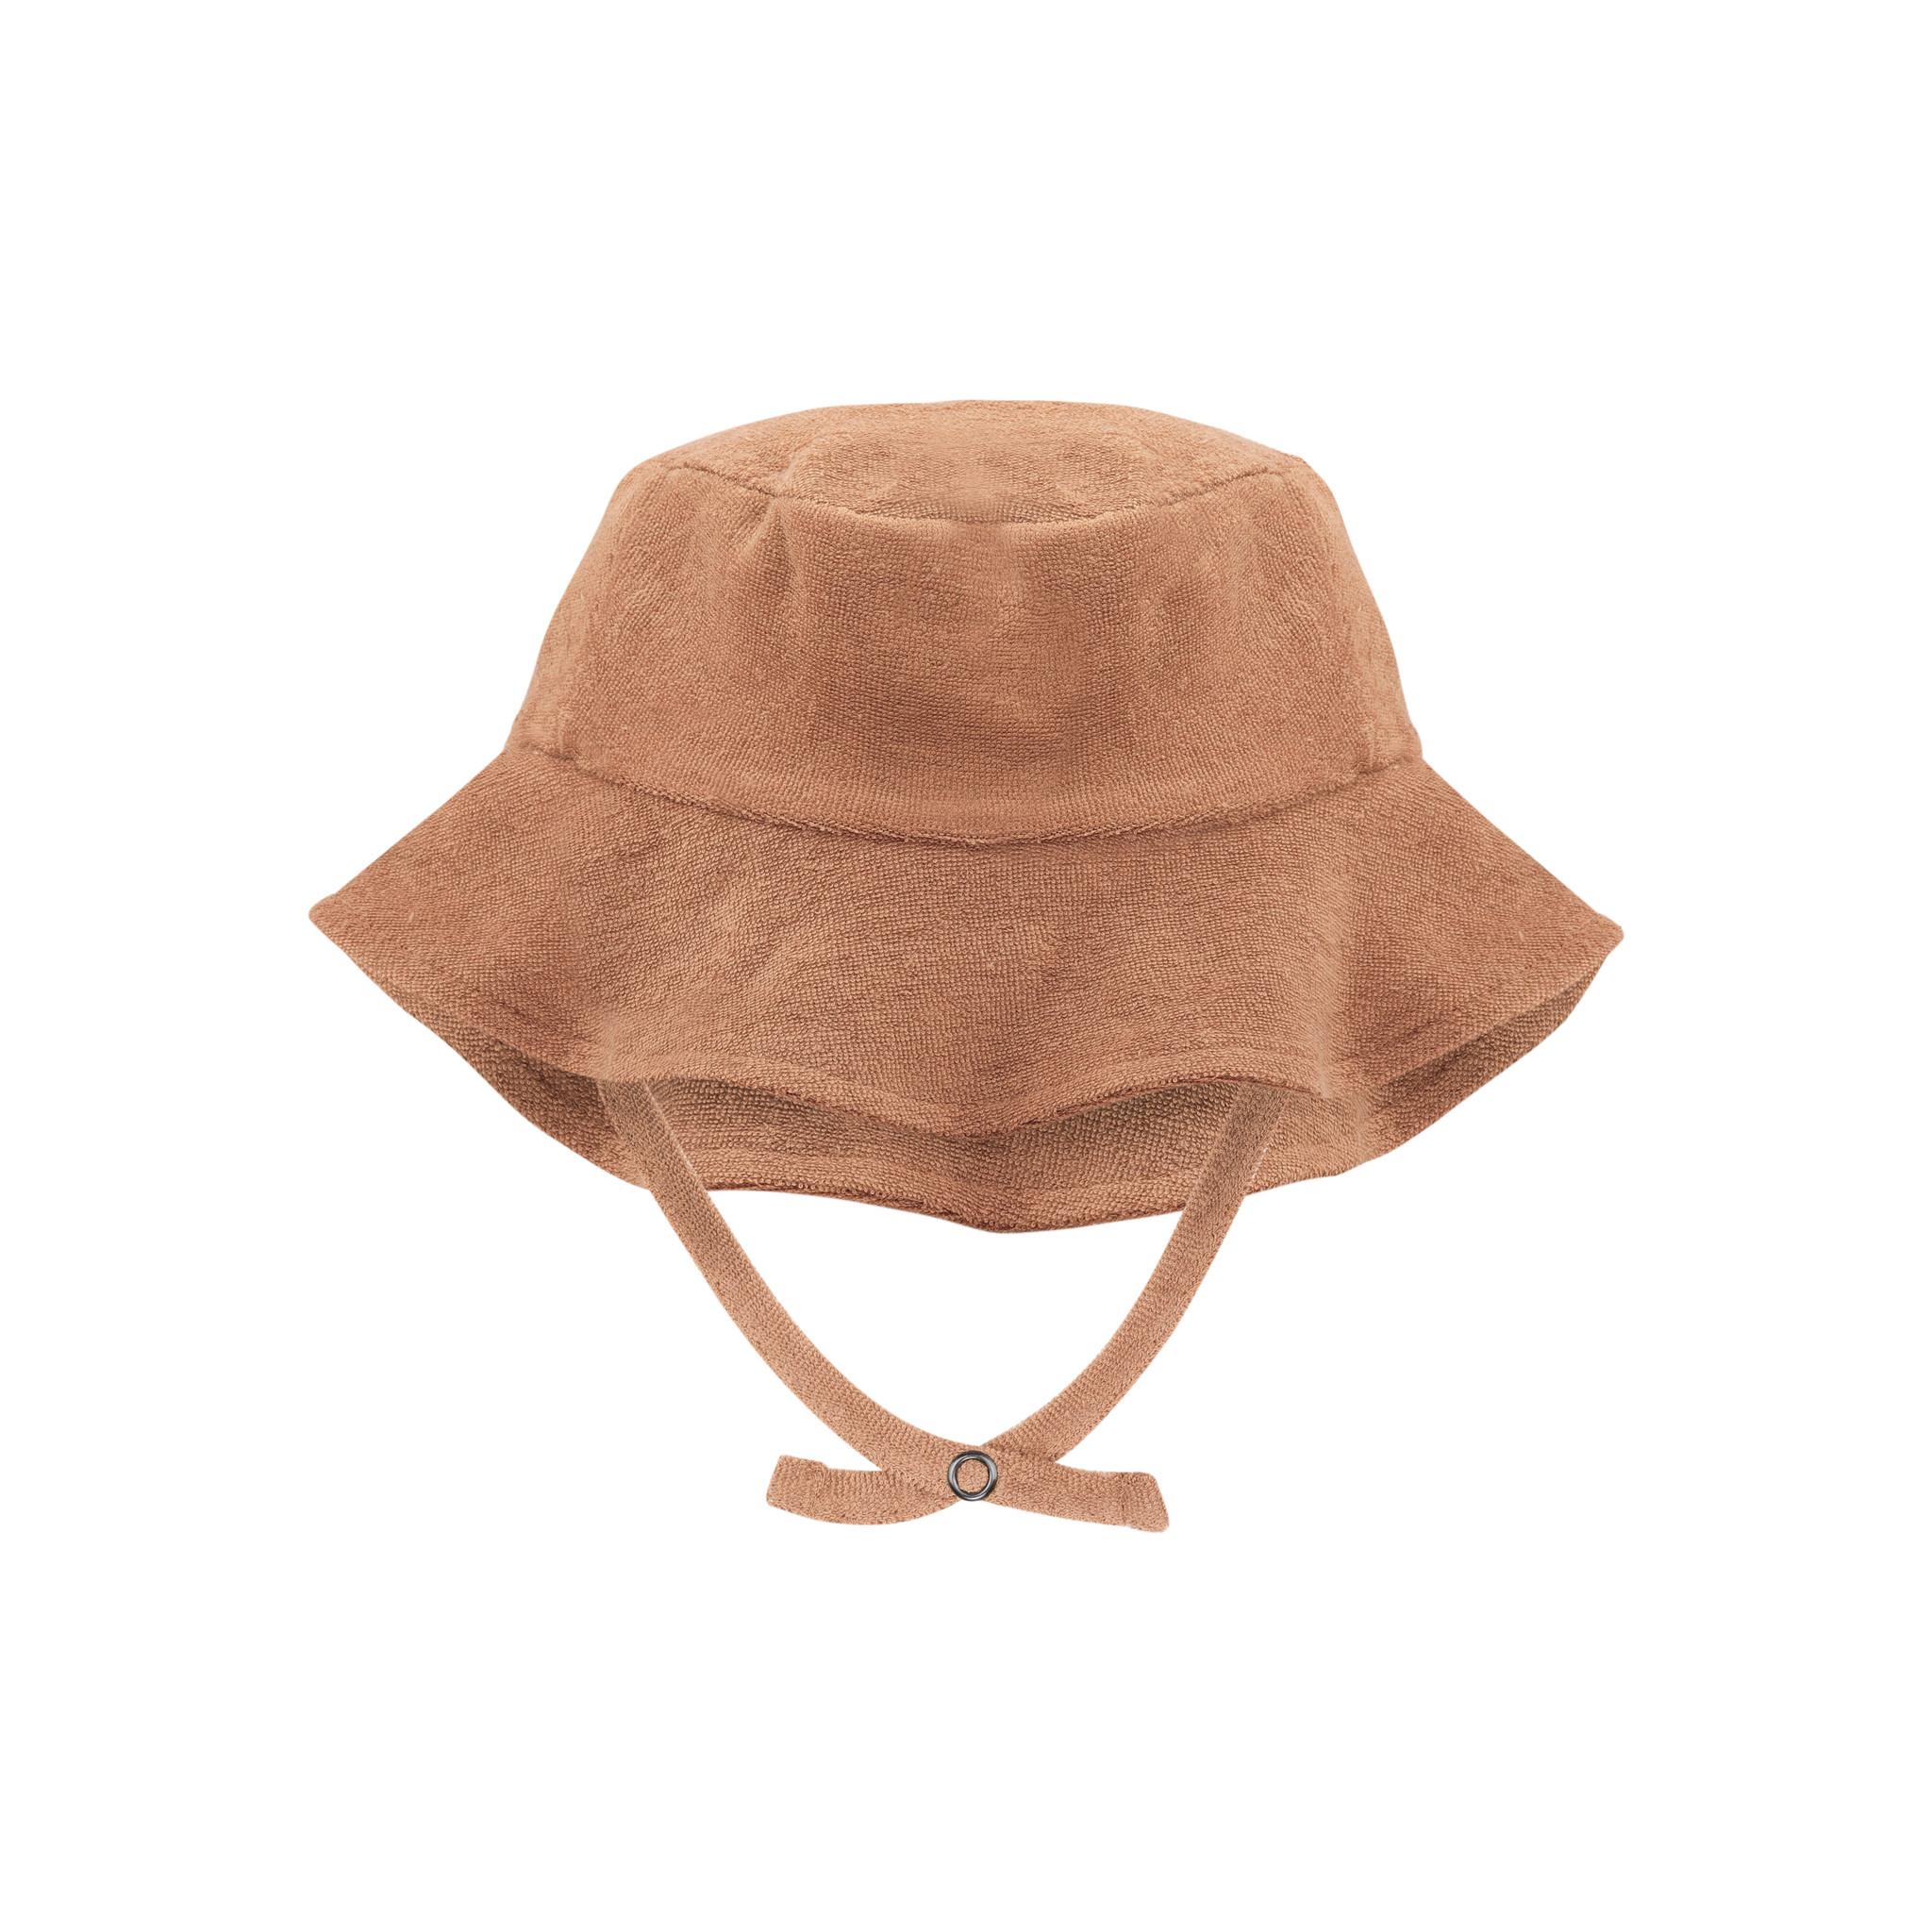 Frotté sun hat - warm biscuit-1